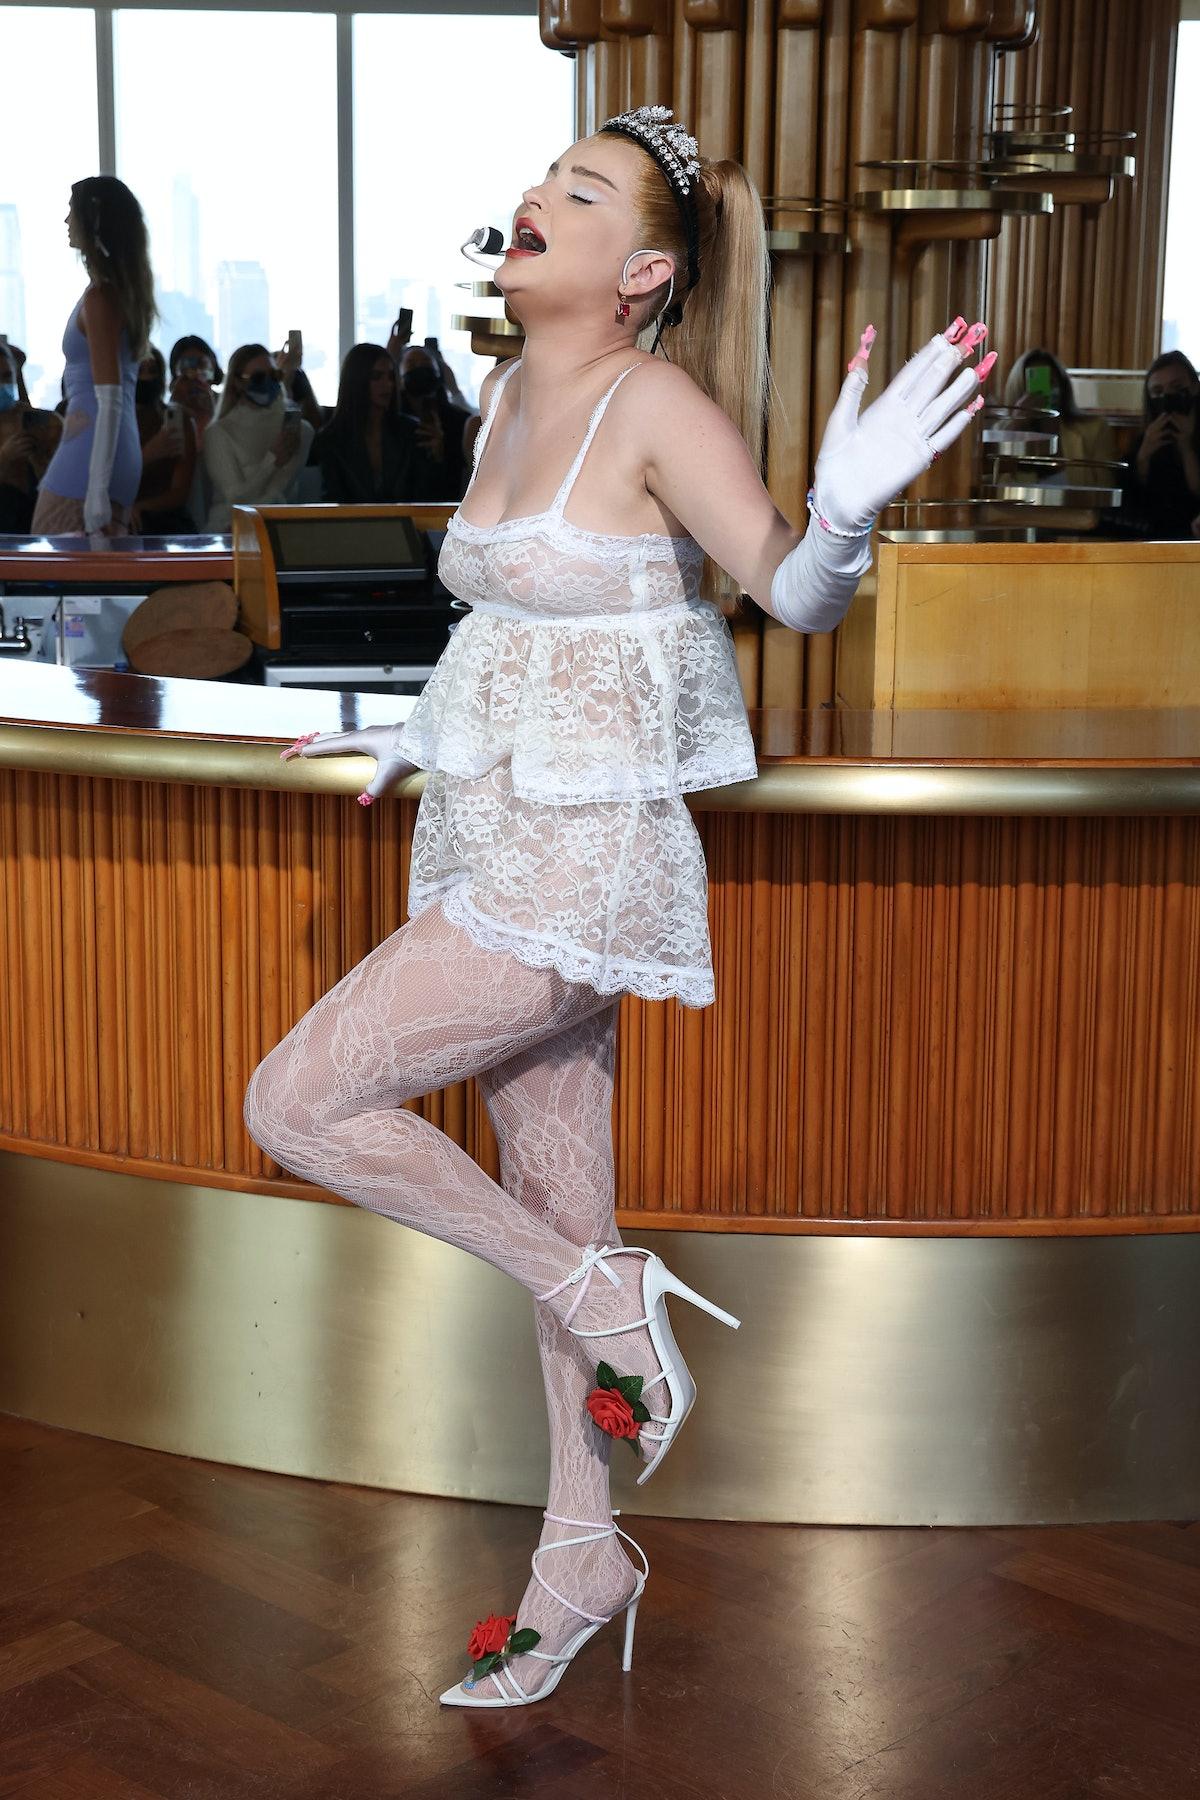 مدلینگ کیم پتراس برای مایسی ویلن